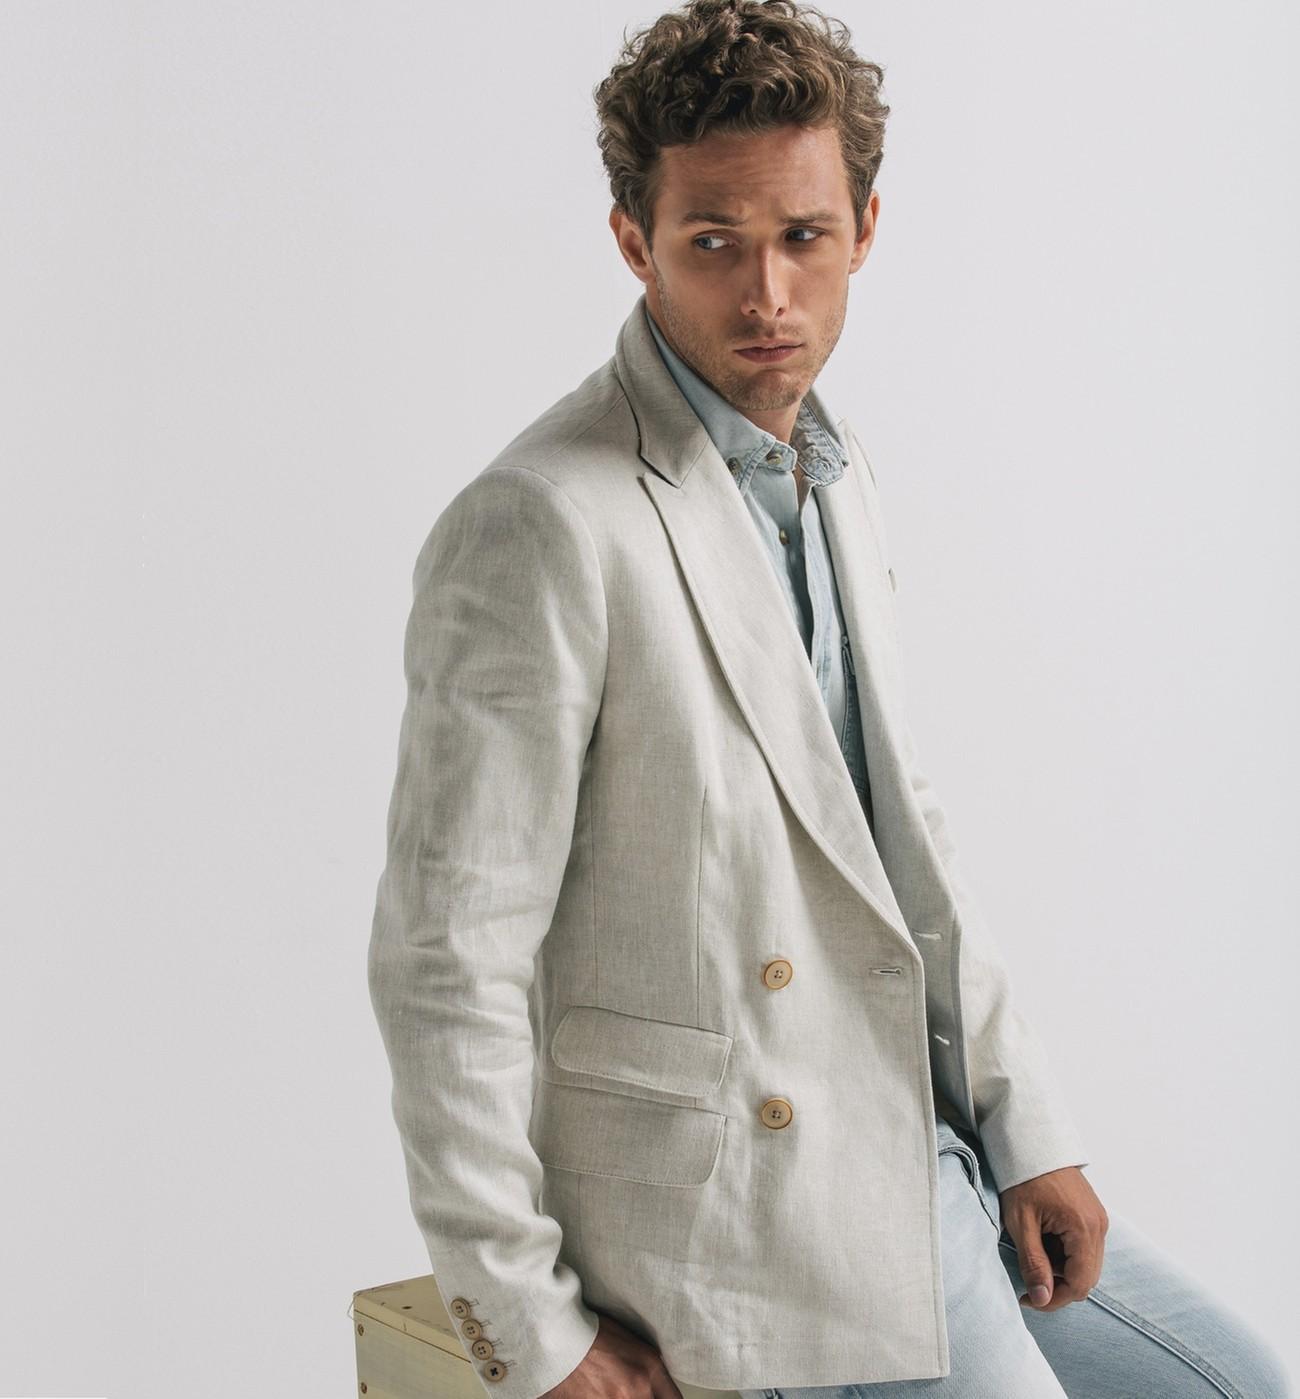 veste en lin homme un peu de chic dans un style tr s casual. Black Bedroom Furniture Sets. Home Design Ideas